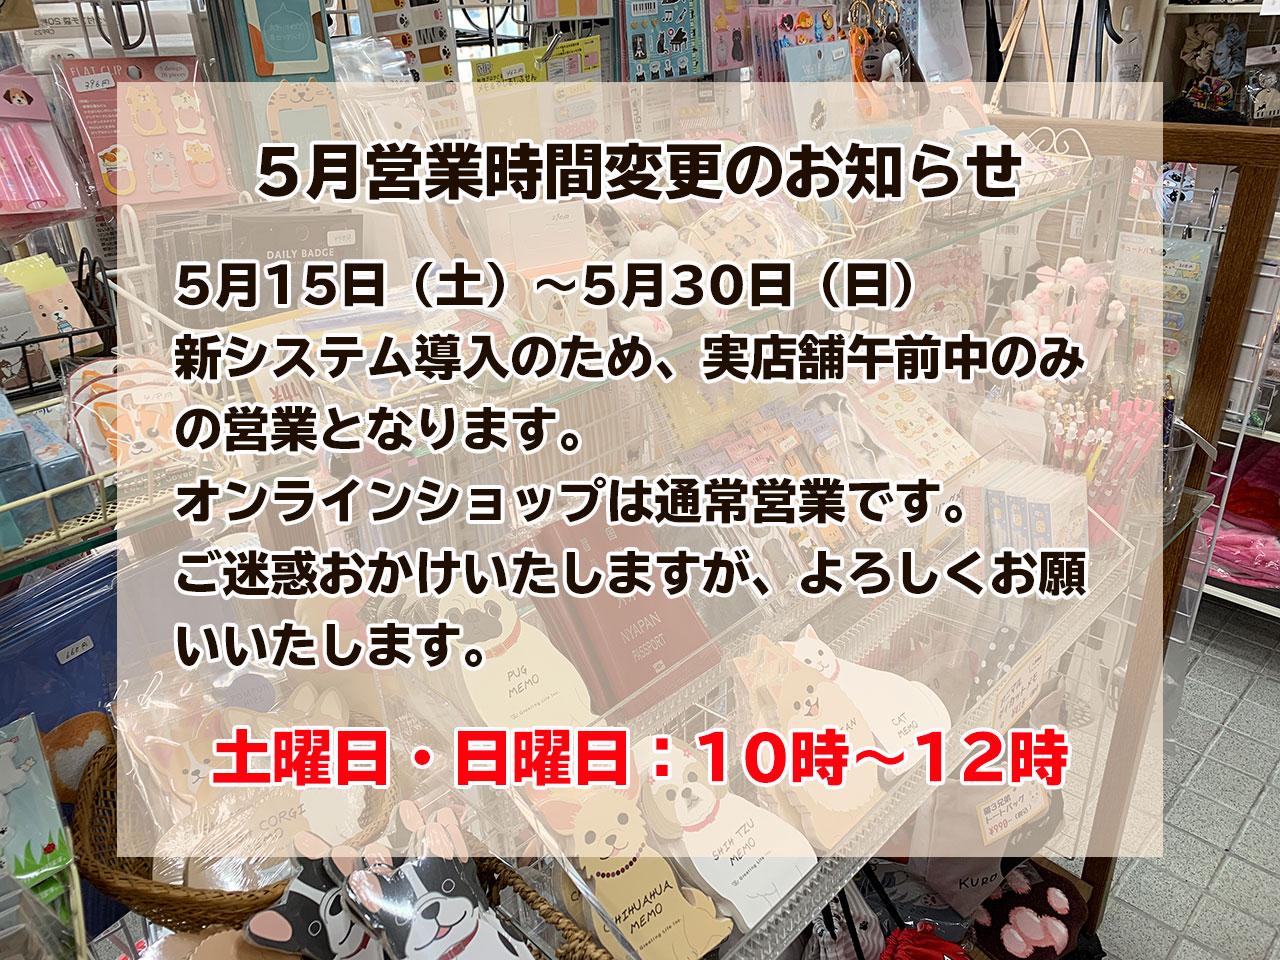 5月実店舗営業時間変更のお知らせ